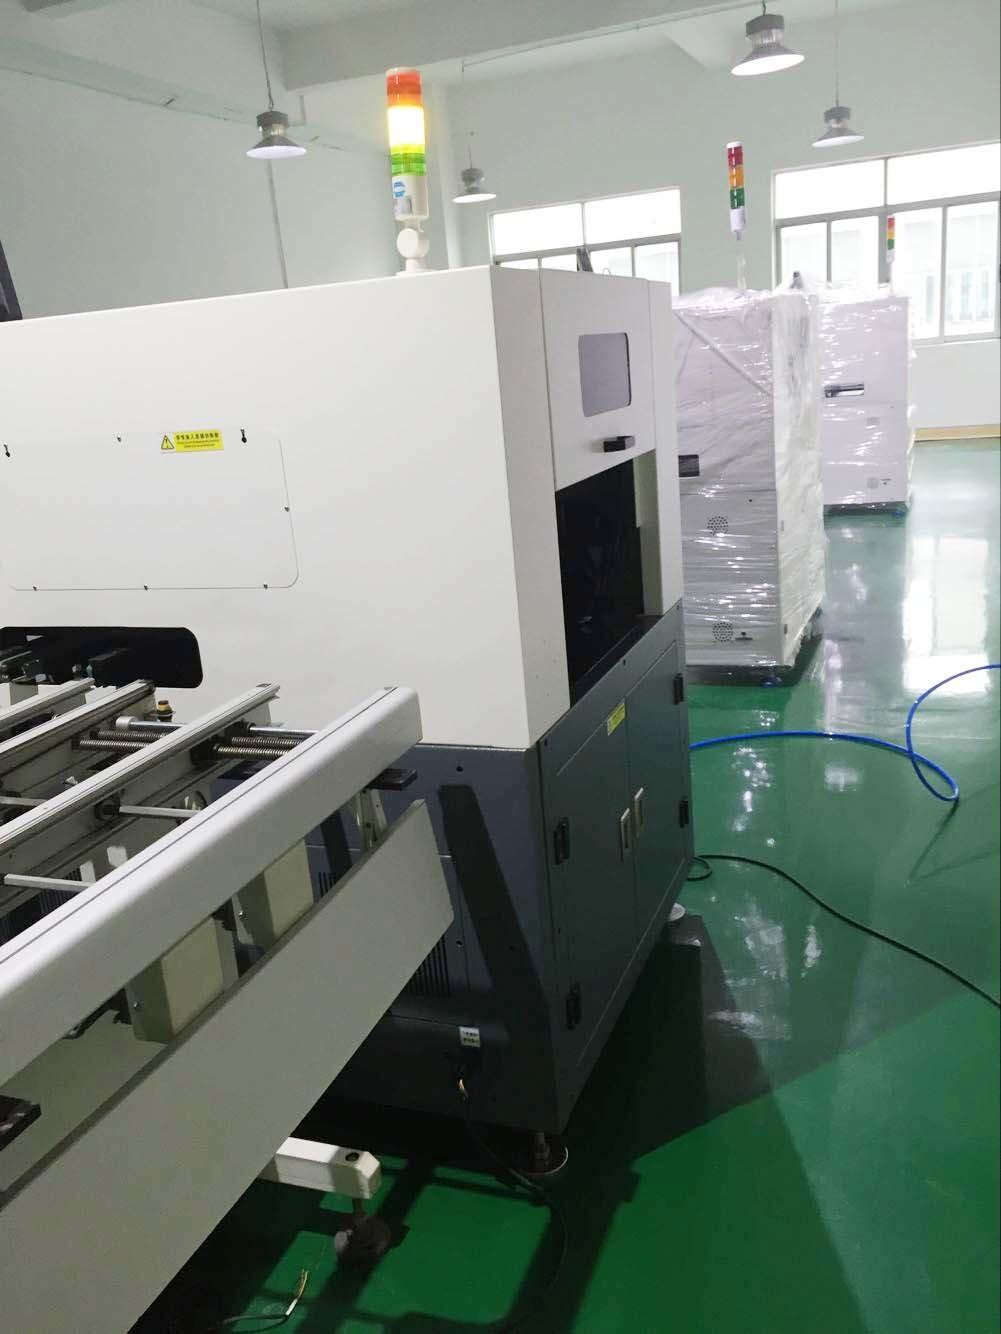 辅料自动贴装及外观检查流水线 非标自动化组装流水线780431195